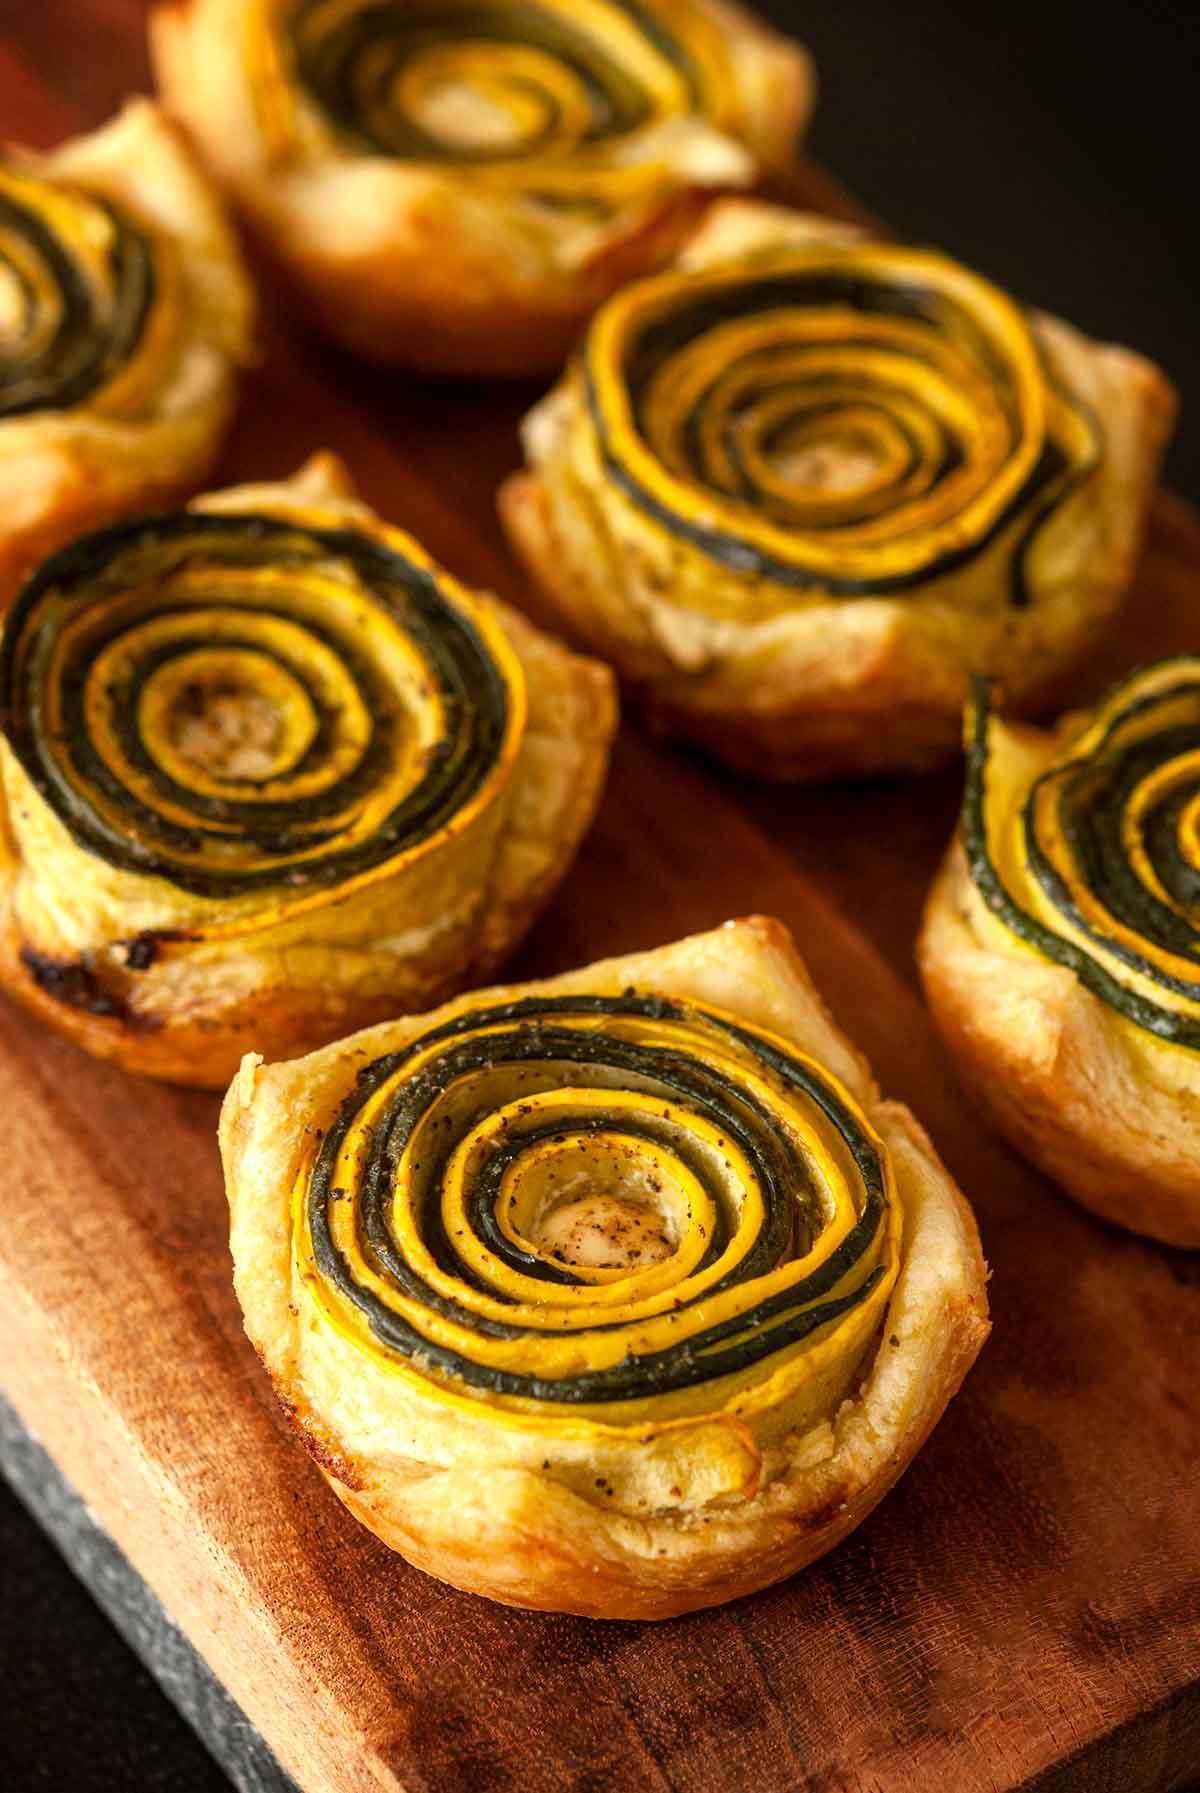 6 pesto zucchini rosettes on a wooden board.